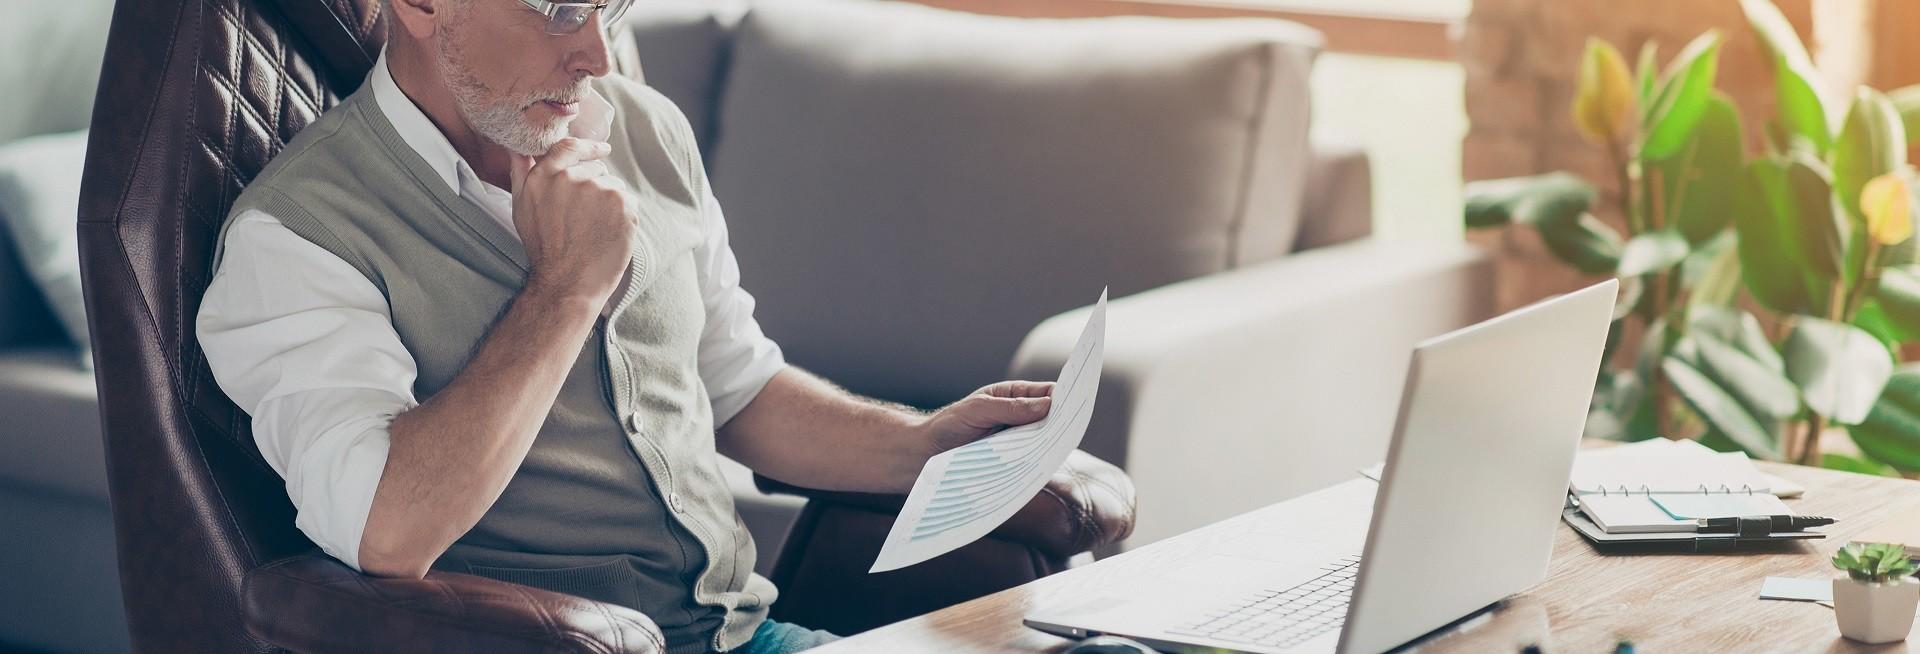 Как рассчитать пенсию для индивидуального предпринимателя